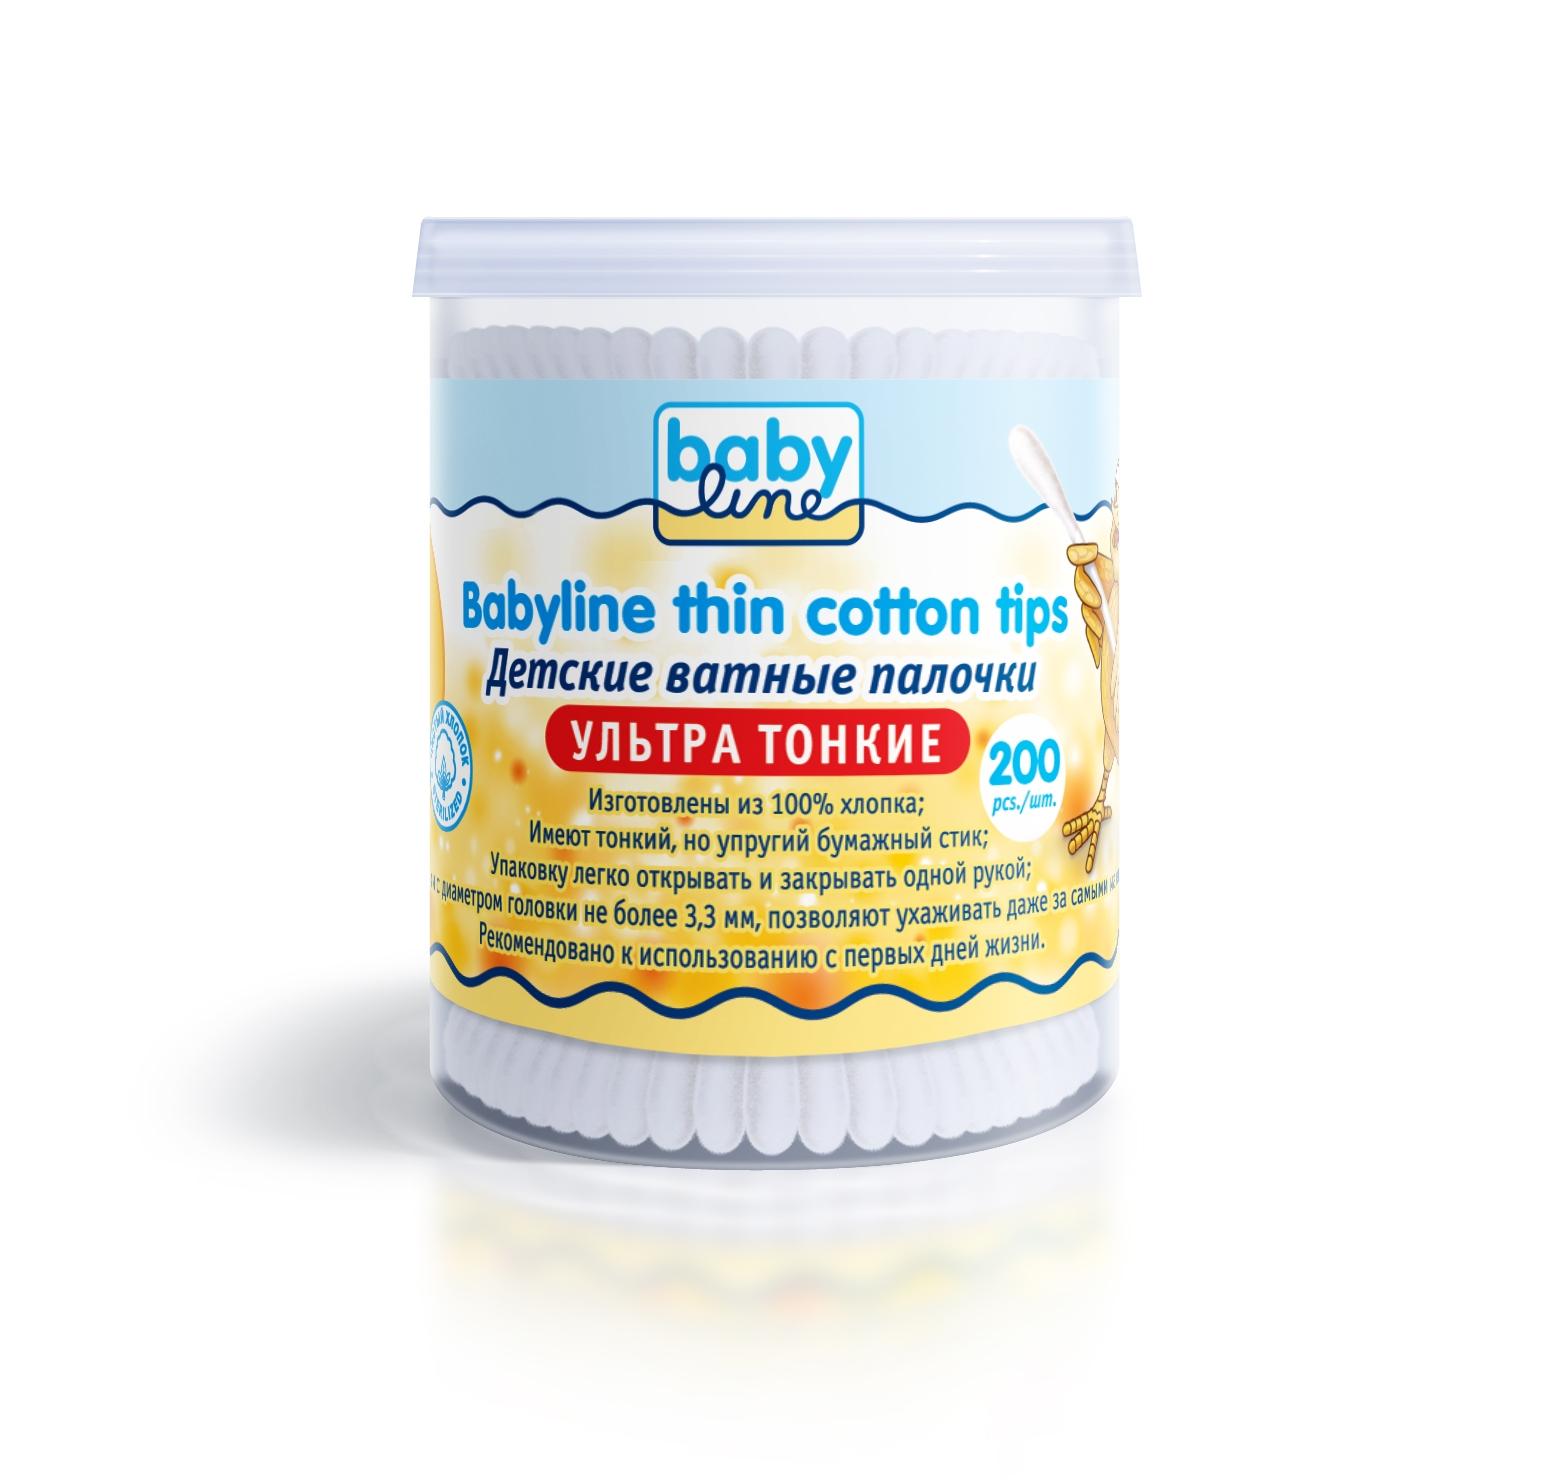 Ватные палочки BABYLINE ультра тонкие в пластиковом боксе 200 шт. babyline baby safety cotton tips ватные палочки детские ультратонкие 200 шт